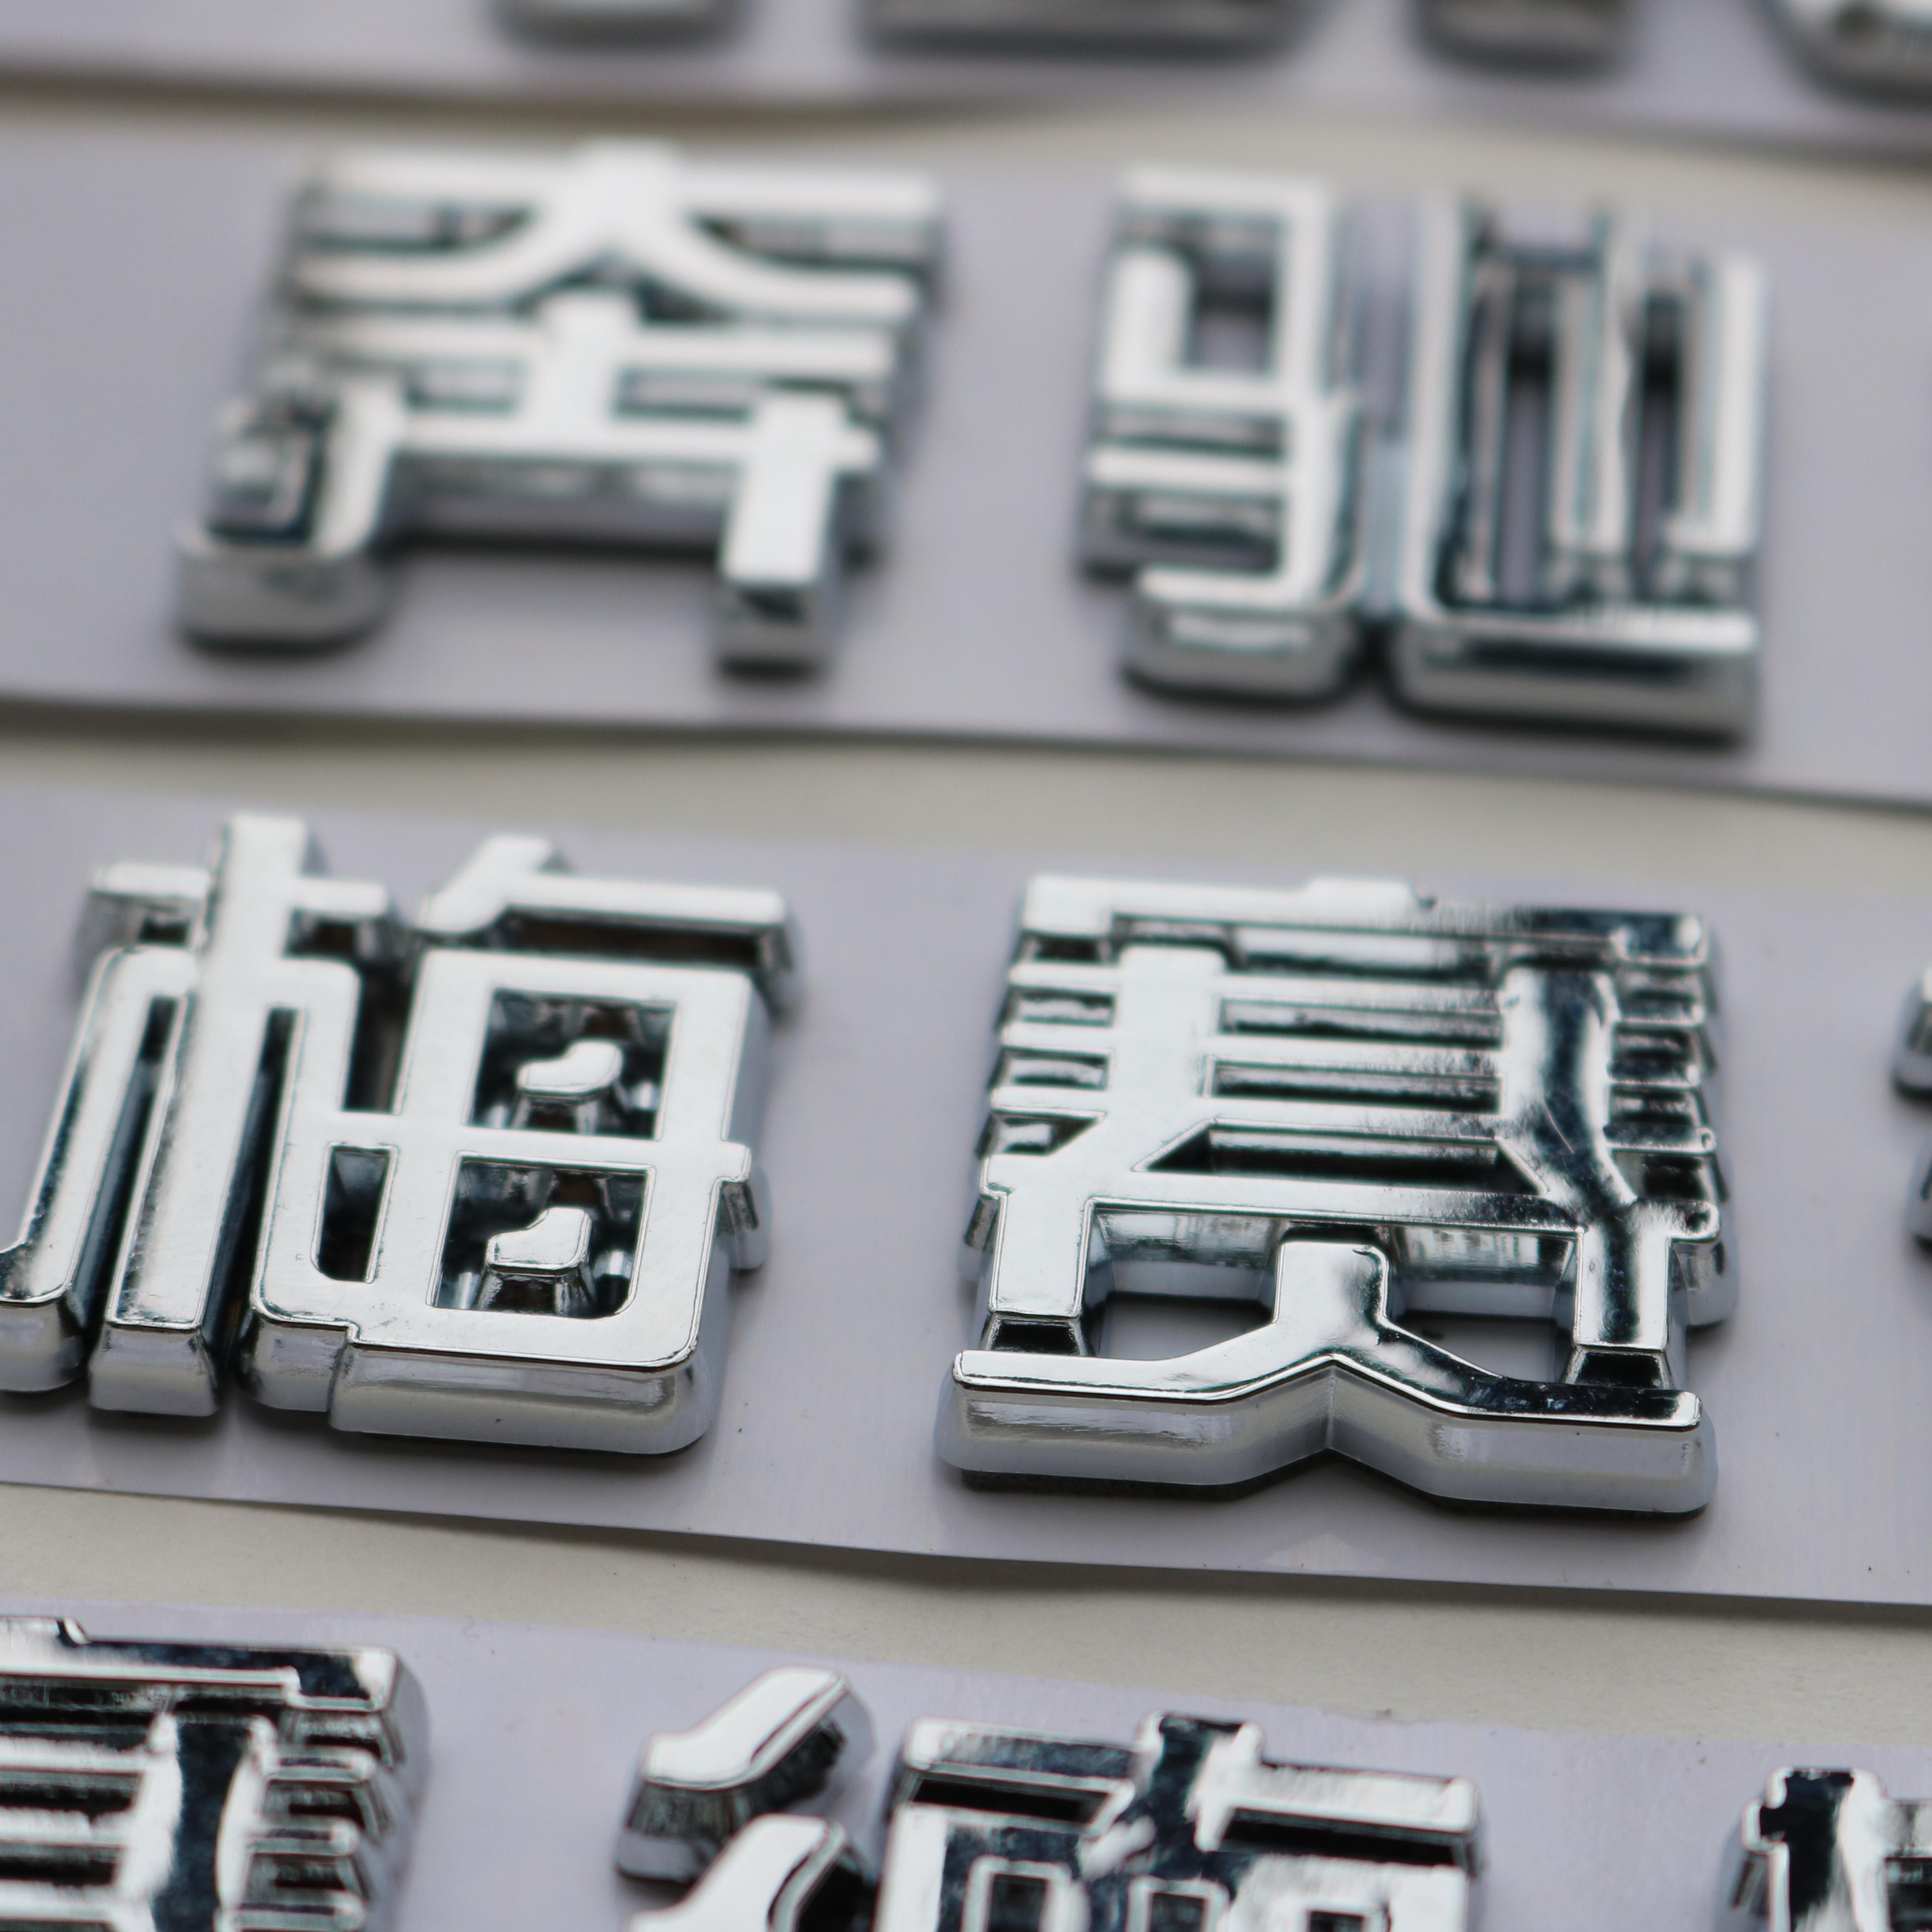 北京奔驰改梅赛德斯奔驰宝宝英文标车标字母标后尾标中文字标车贴